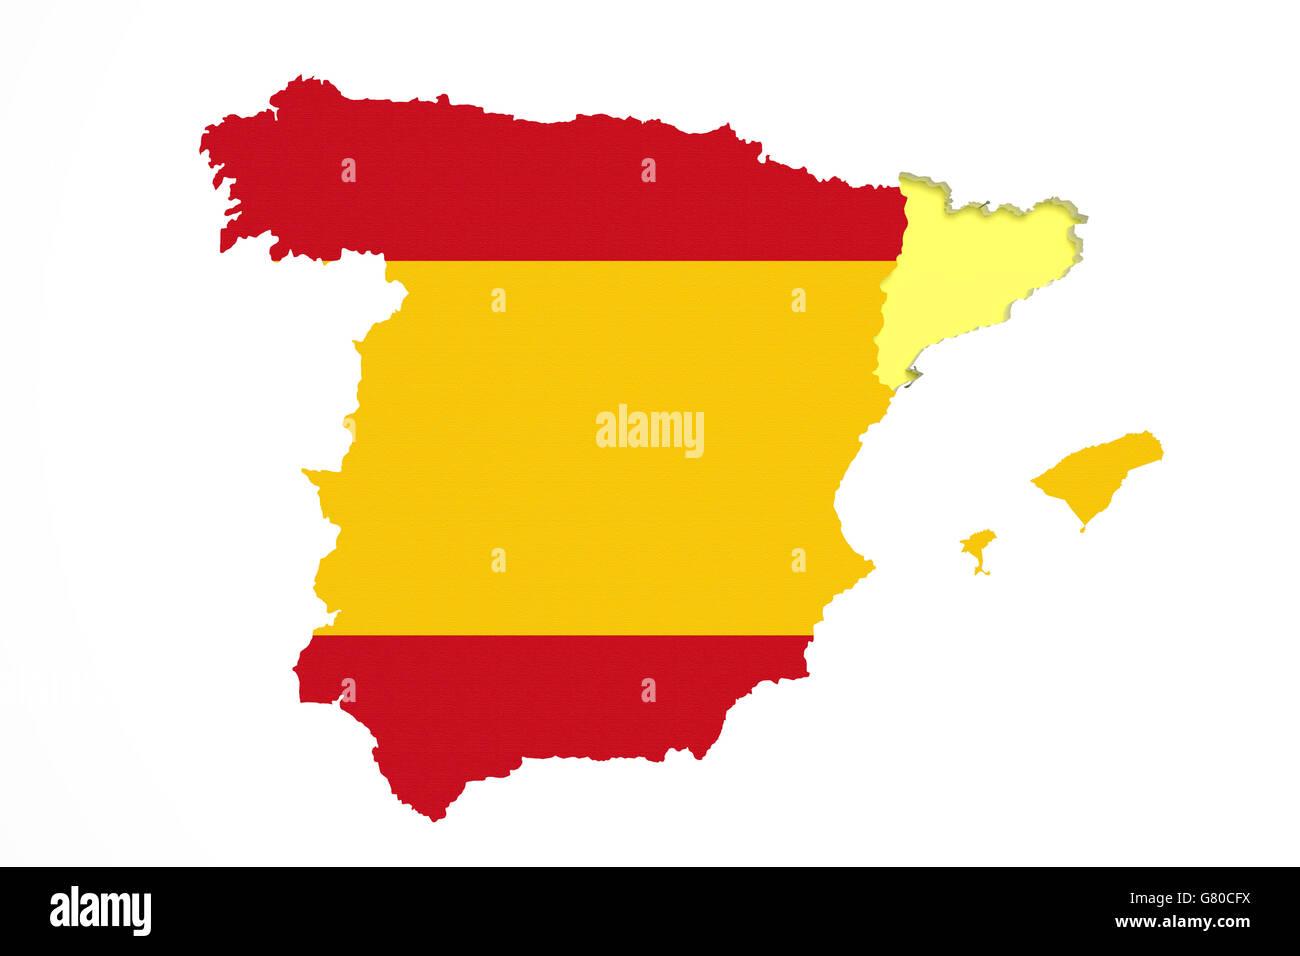 Spanien Katalonien Karte.3d Darstellung Der Karte Von Katalonien Mit Spanien Karte Und Flagge